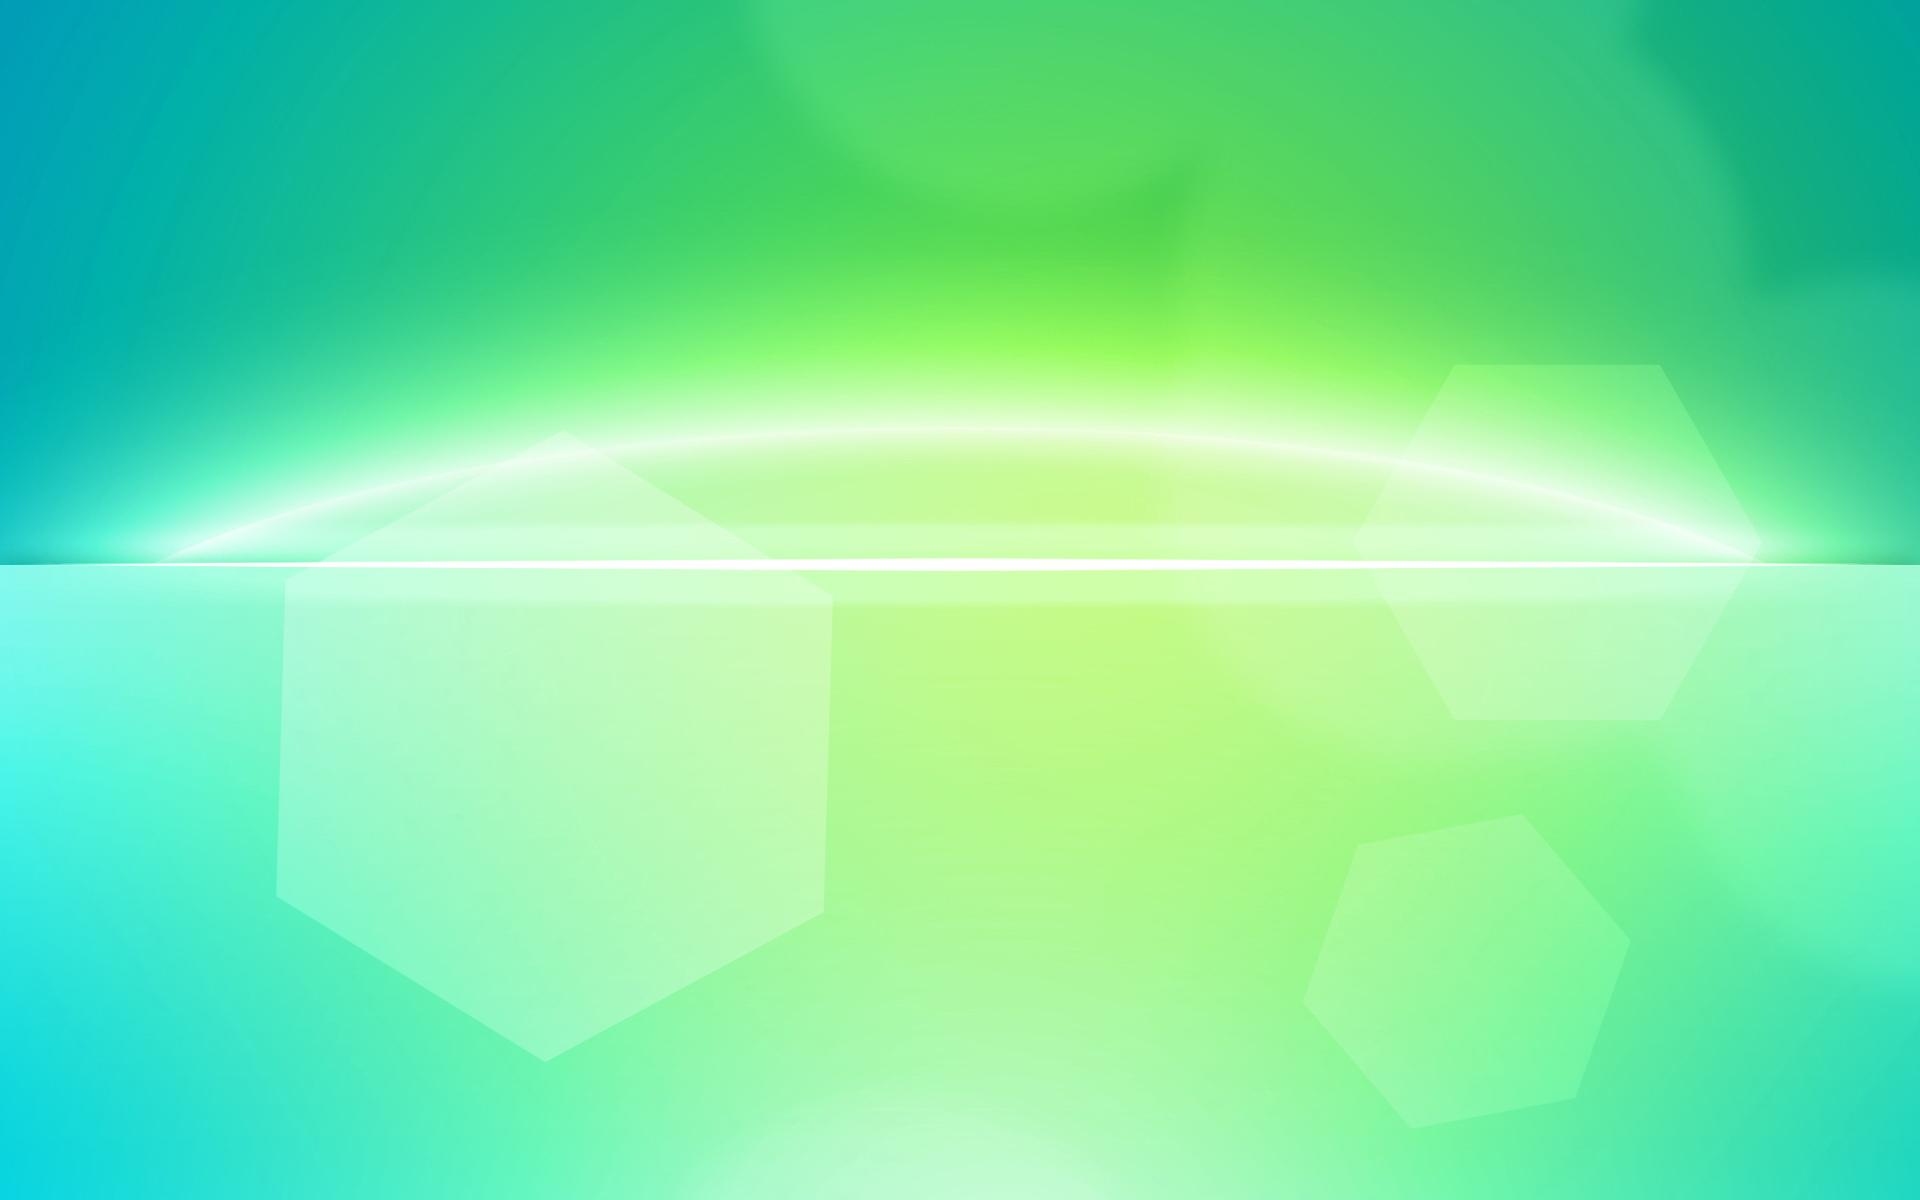 Light Green Wallpaper 46969 1920x1200px